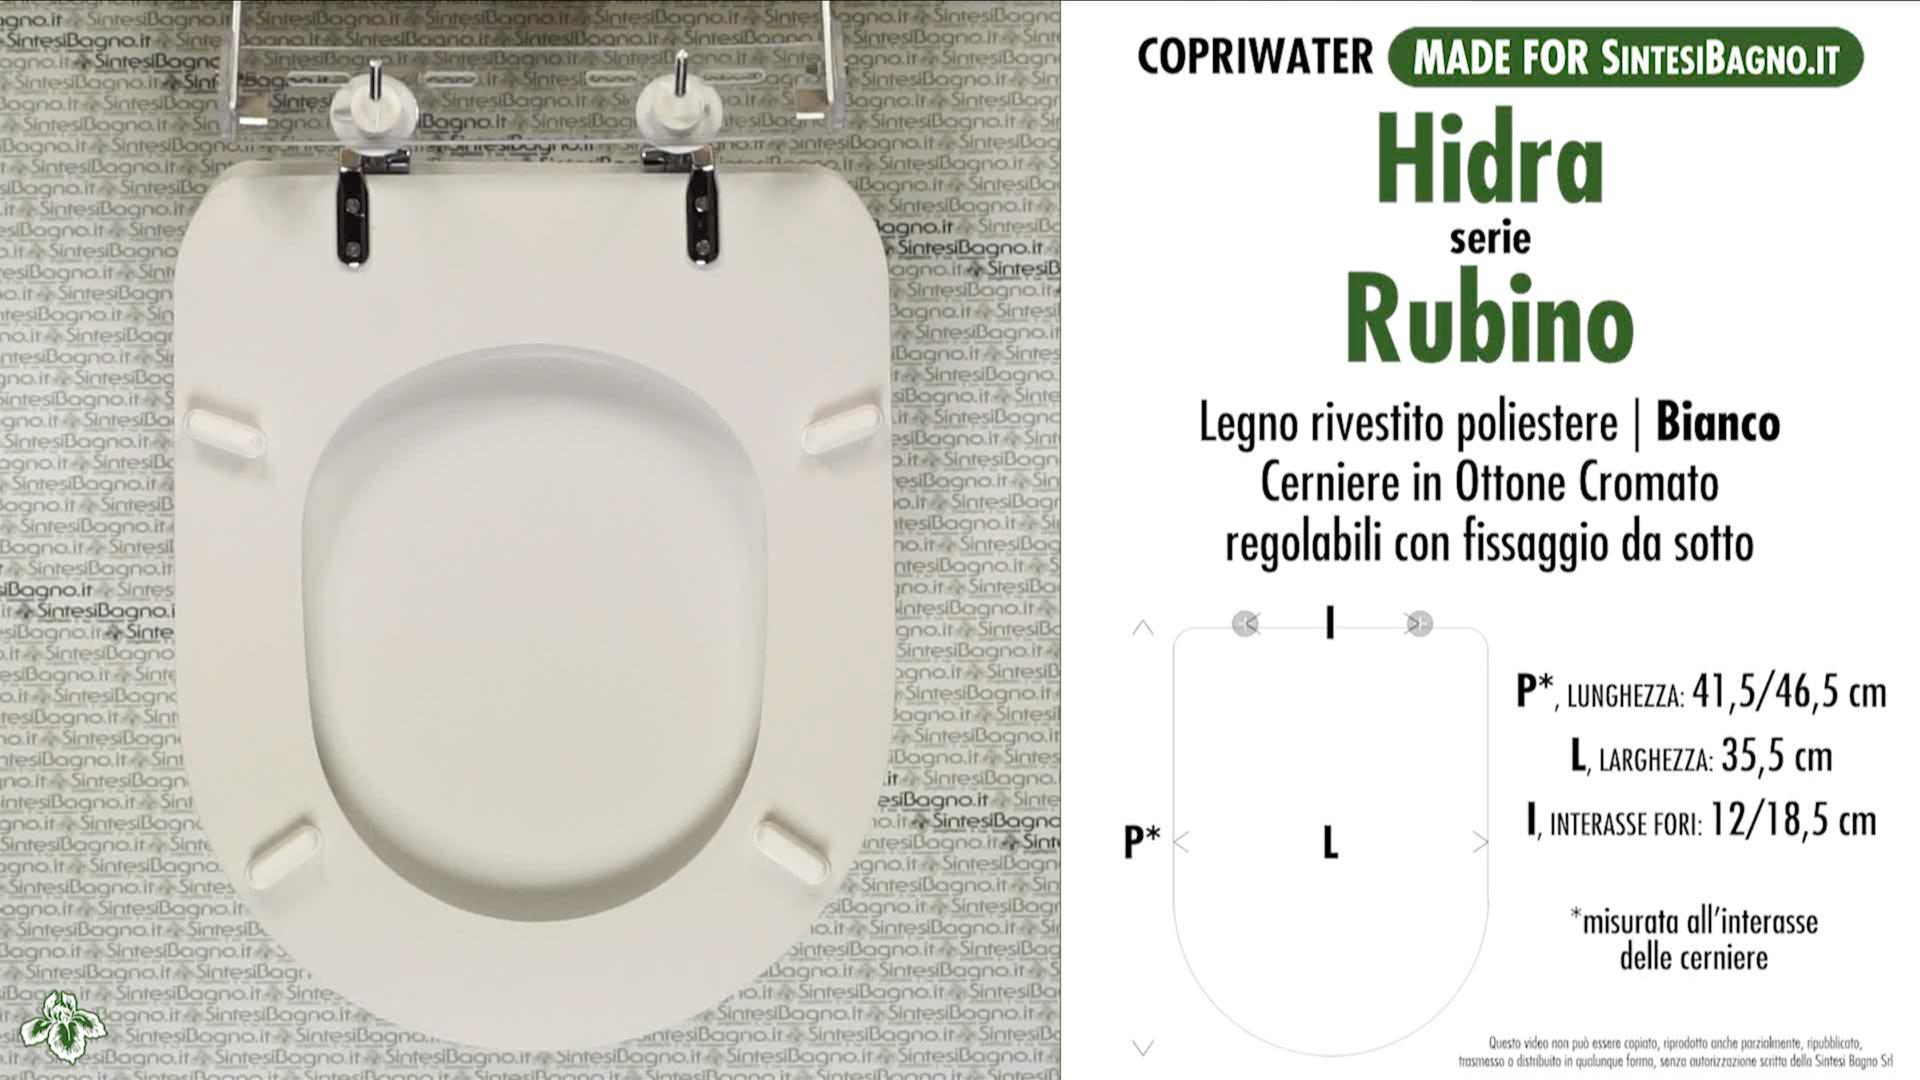 SCHEDA TECNICA MISURE copriwater HIDRA RUBINO